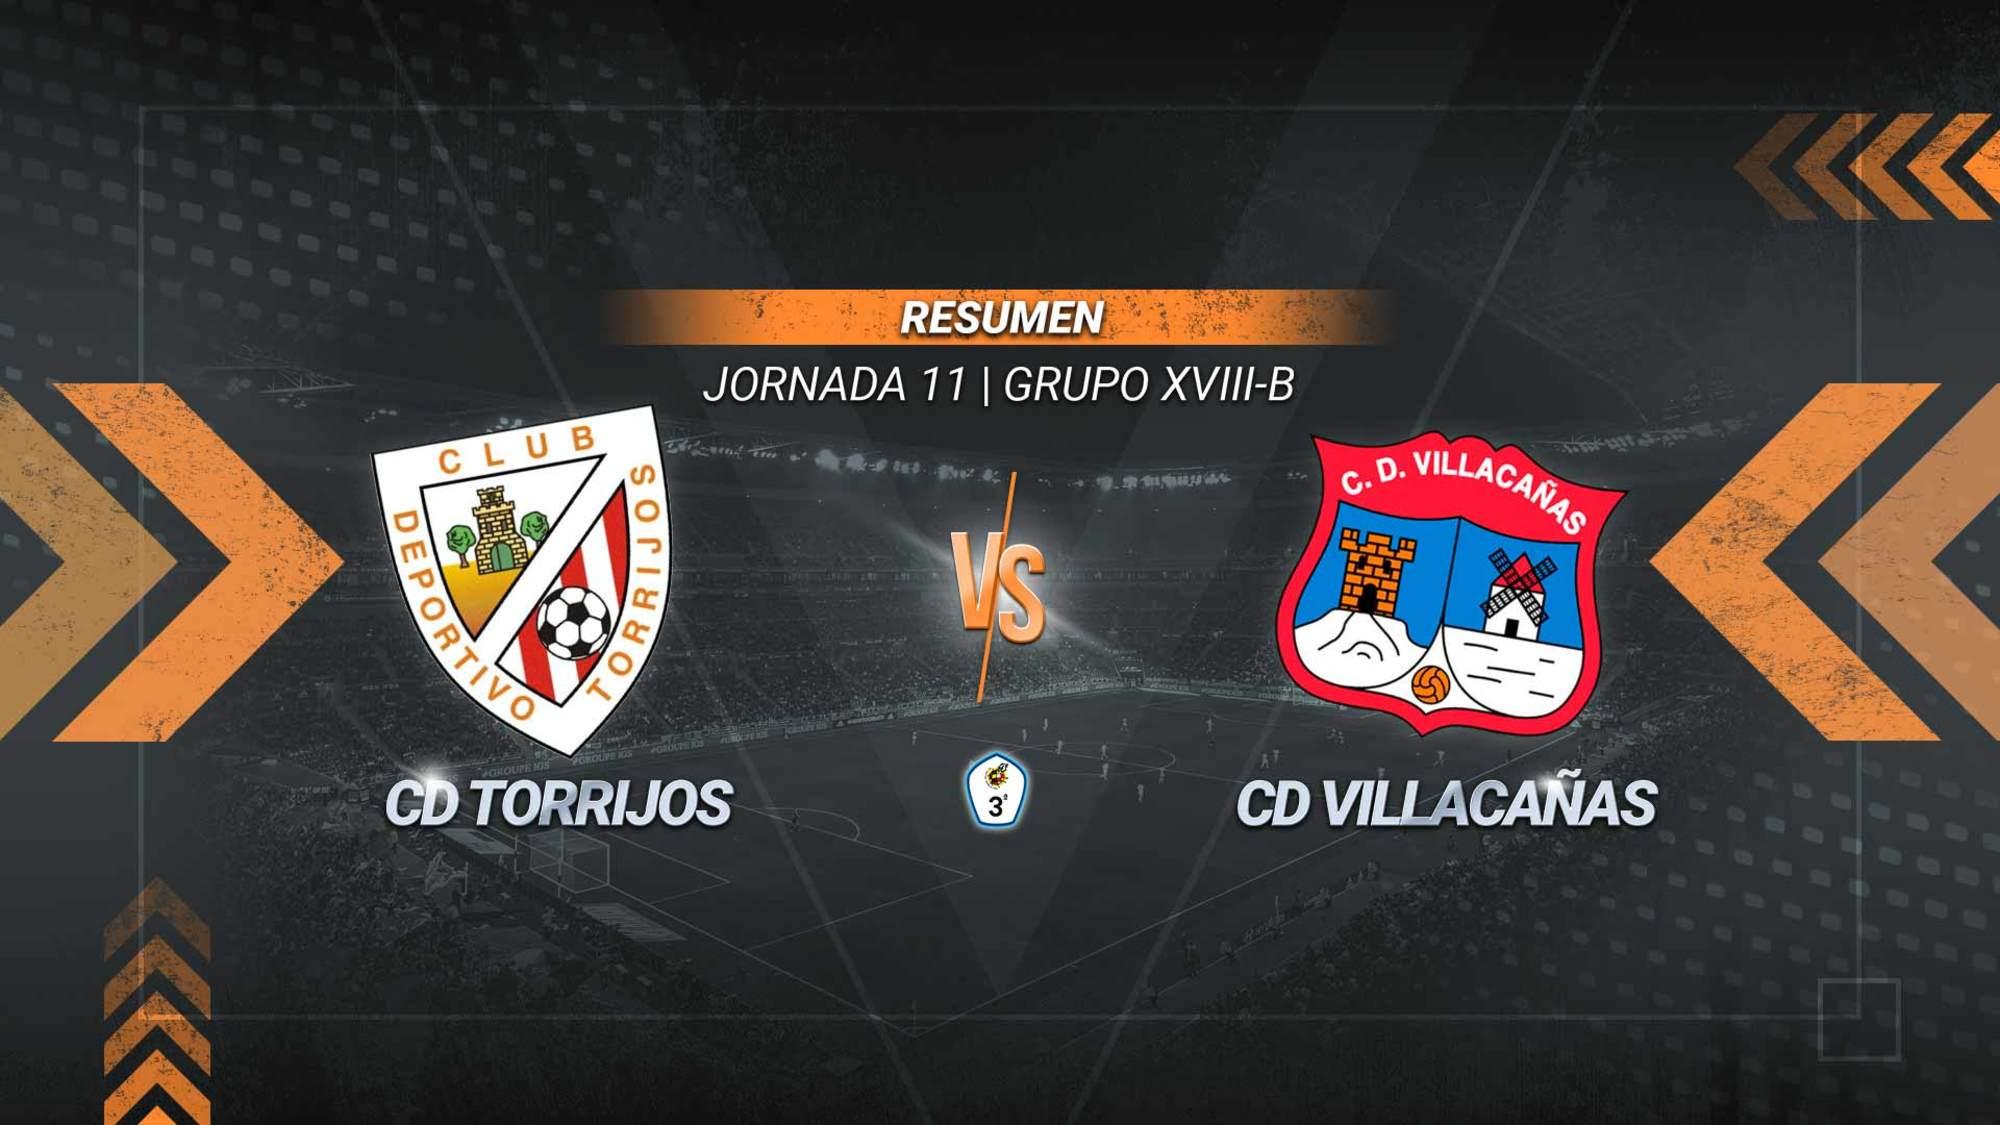 Empate entre Torrijos y Villacañas en un partido en el que los locales se adelantaron con un gol de Diego en los primeros minutos y Álex González firmó el 1-1 definitivo.